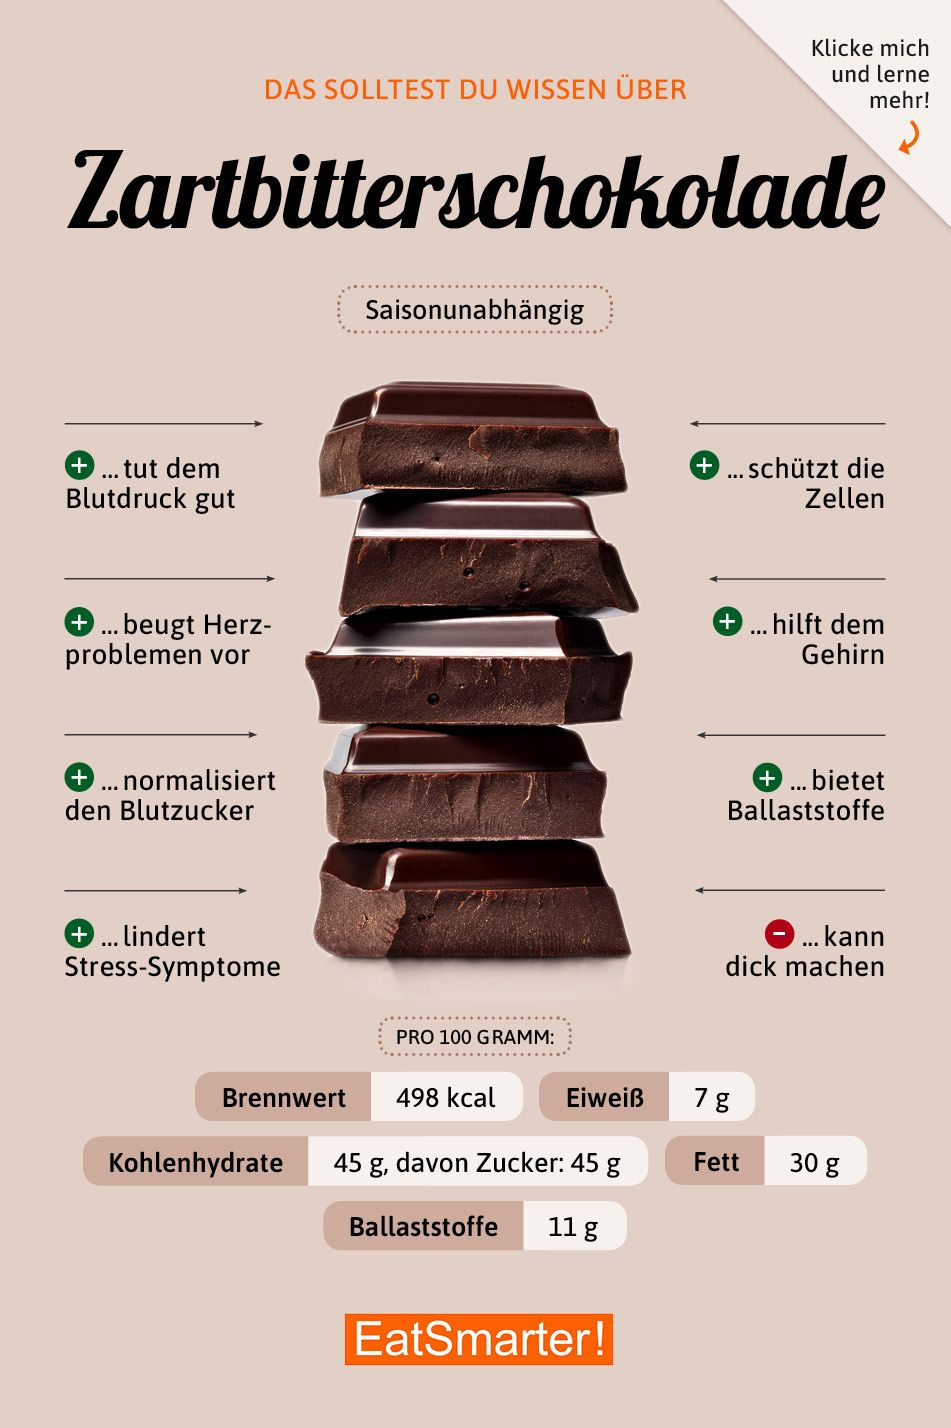 Schokolade in 2019 | Infografiken | Food, Healthy menu und ...